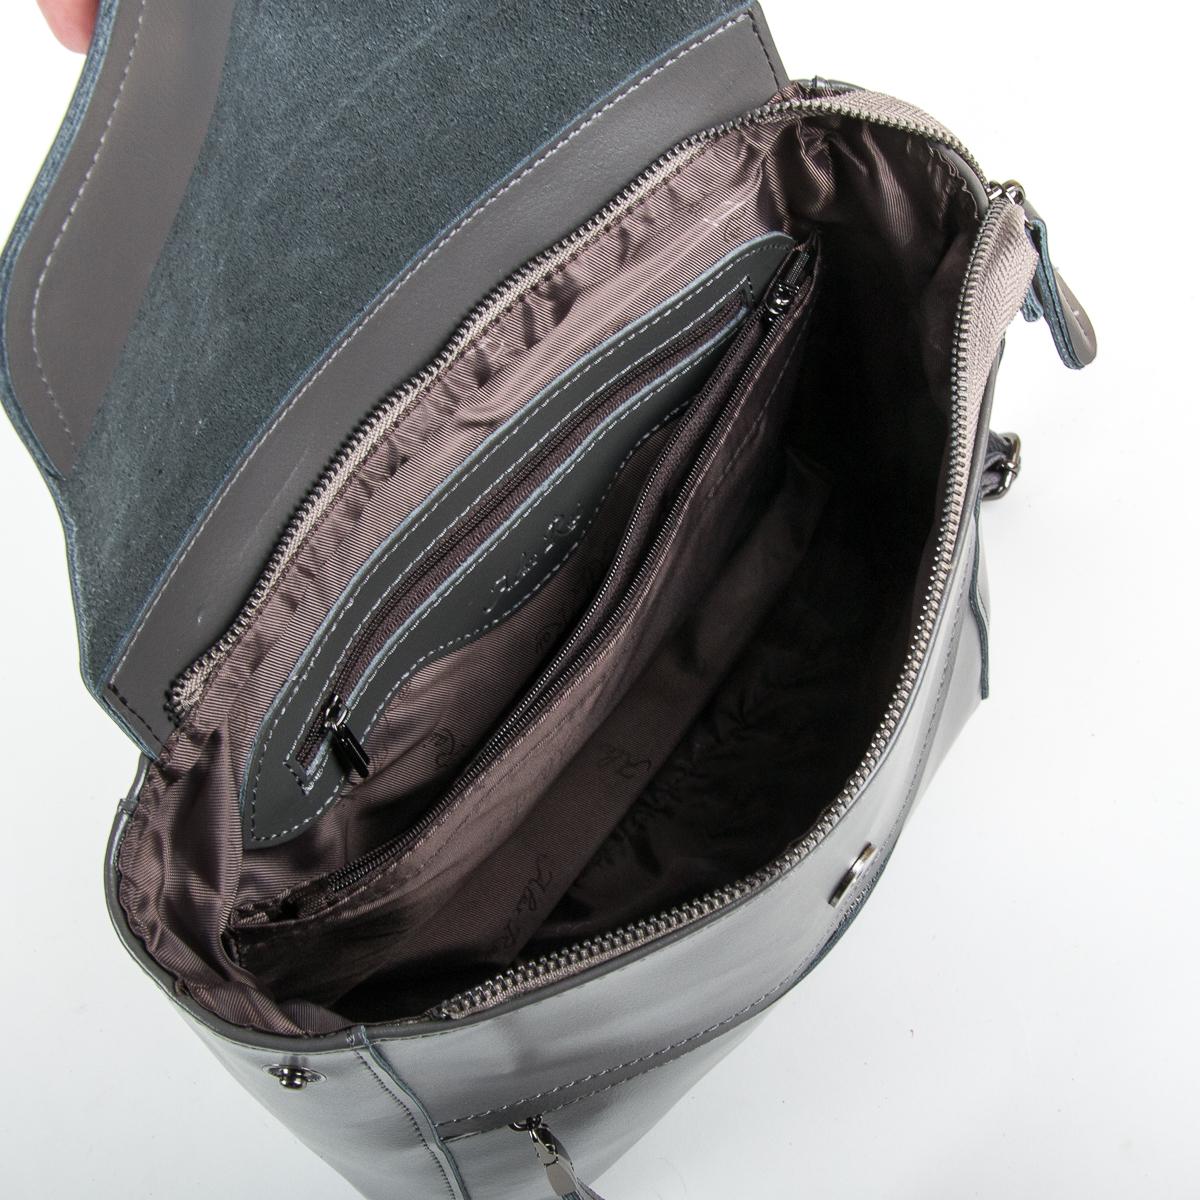 Сумка Женская Рюкзак кожа ALEX RAI 9-01 1005 grey - фото 5